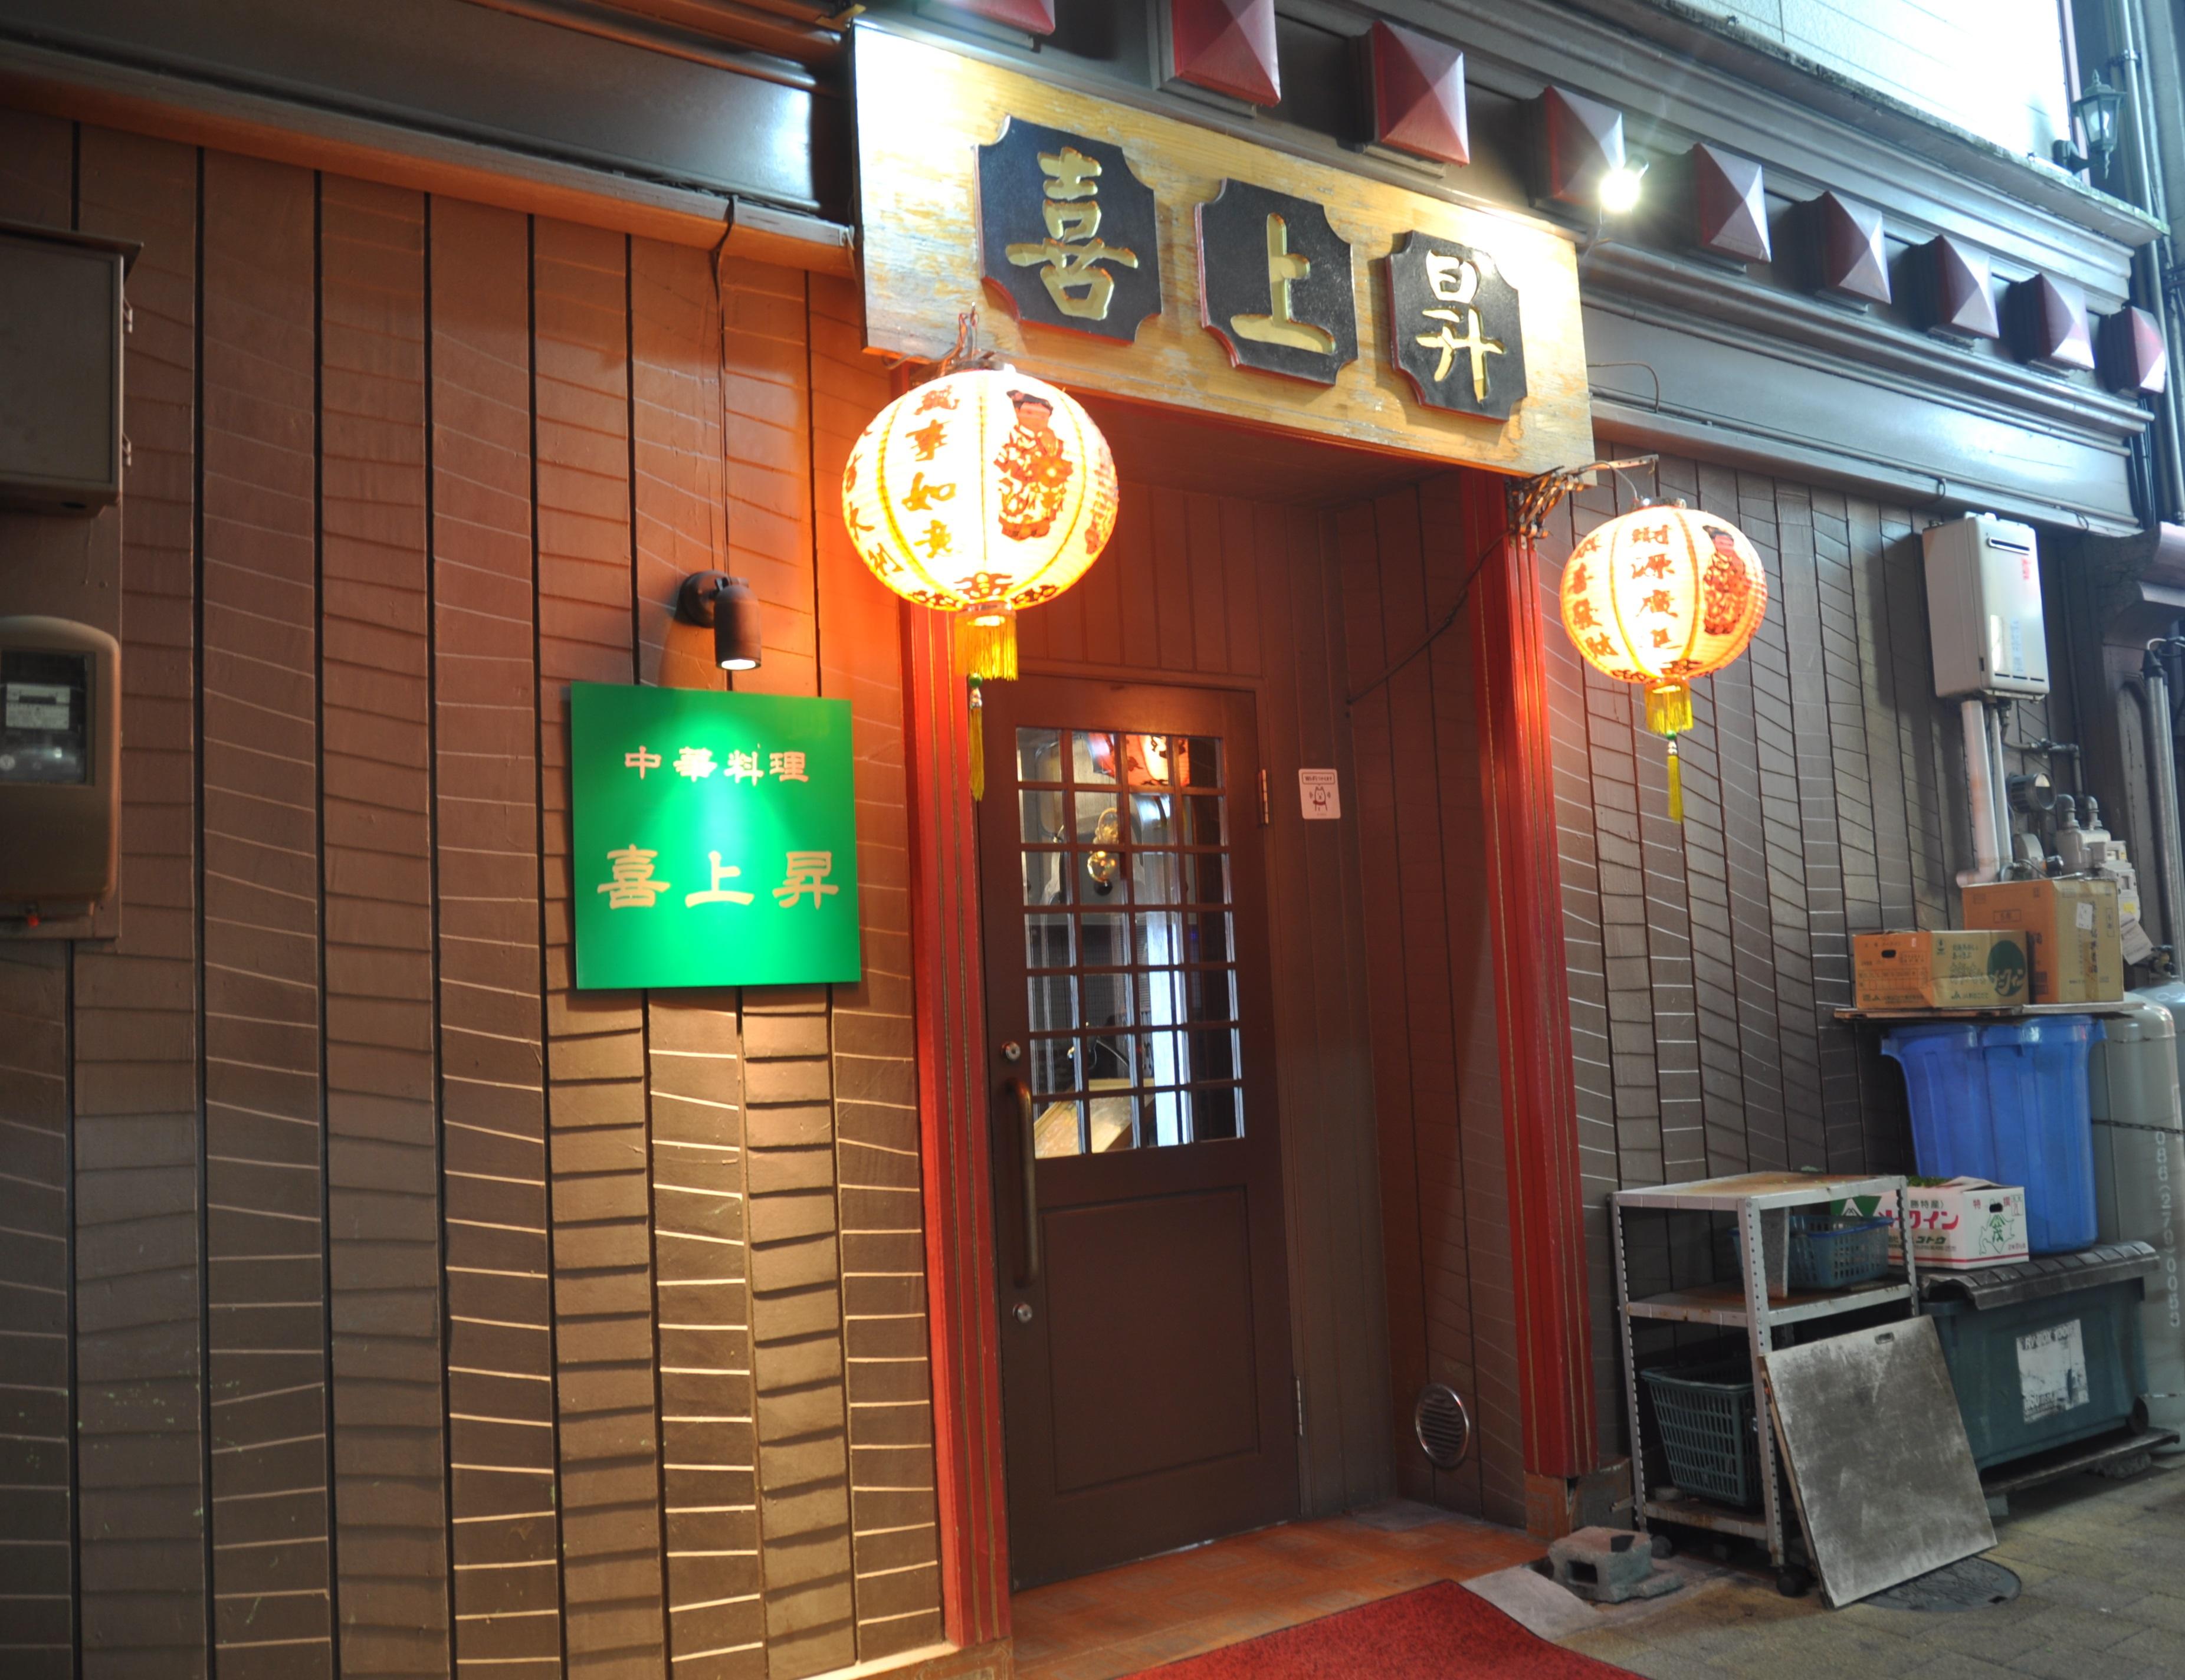 岡山市 飲食店 中華料理 喜上昇の店舗画像